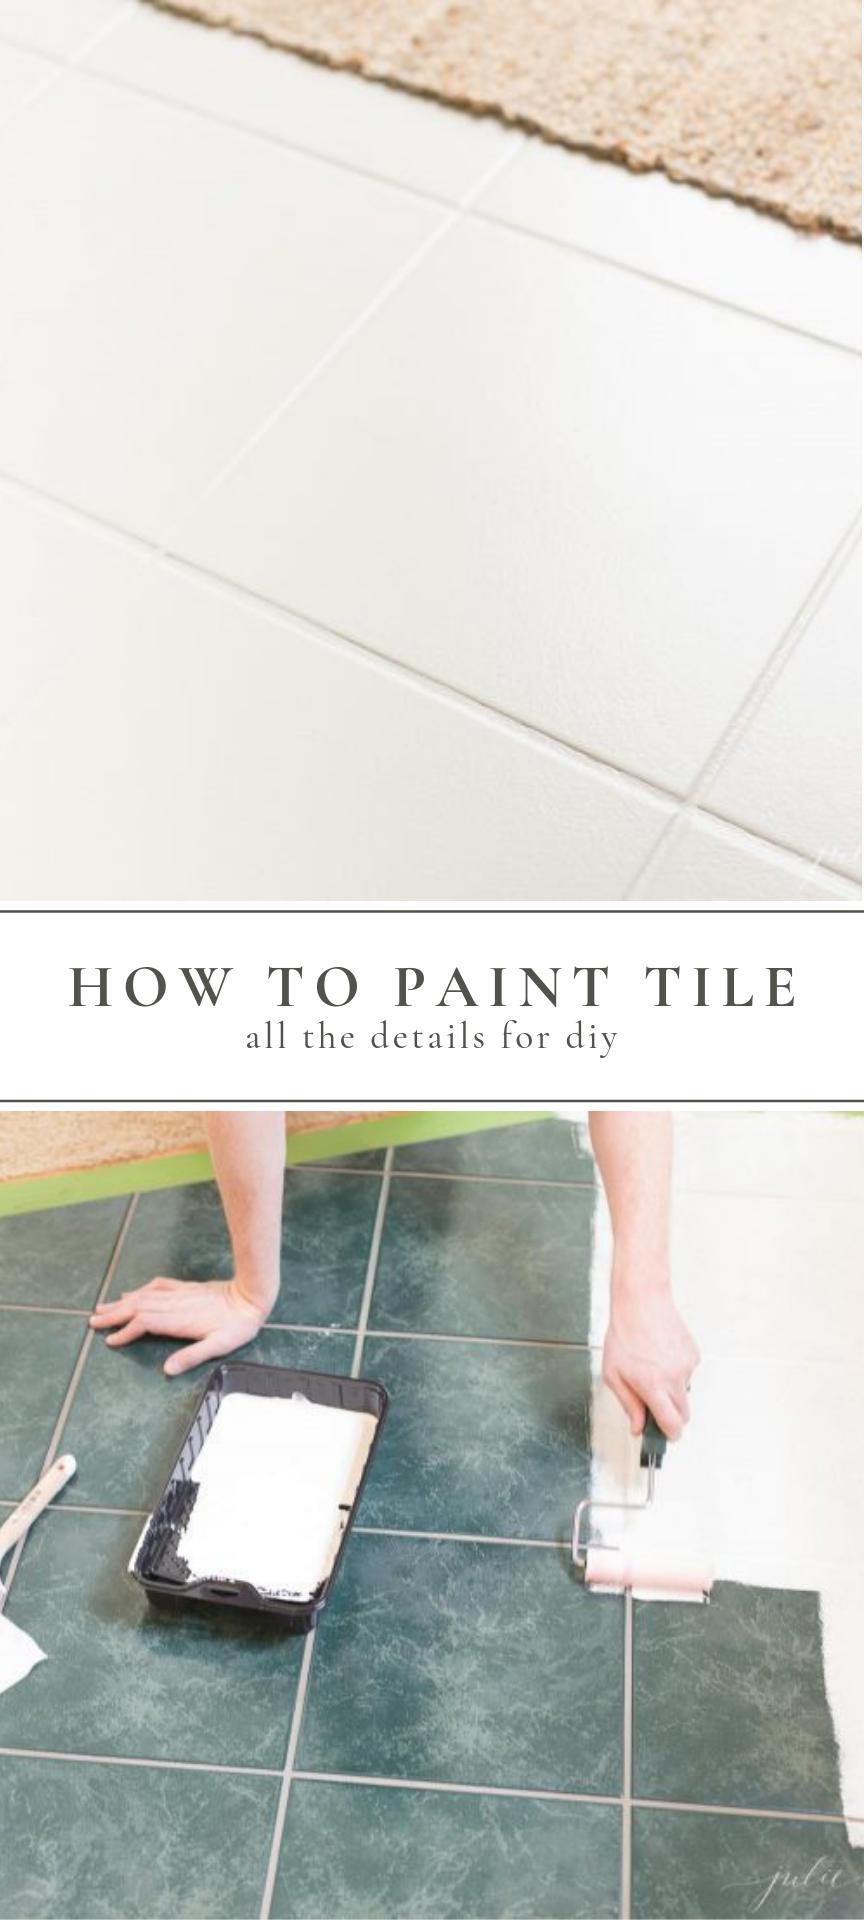 Tile Paint How To Paint Tile Painting Tile Painting Ceramic Tiles Painting Tile Floors